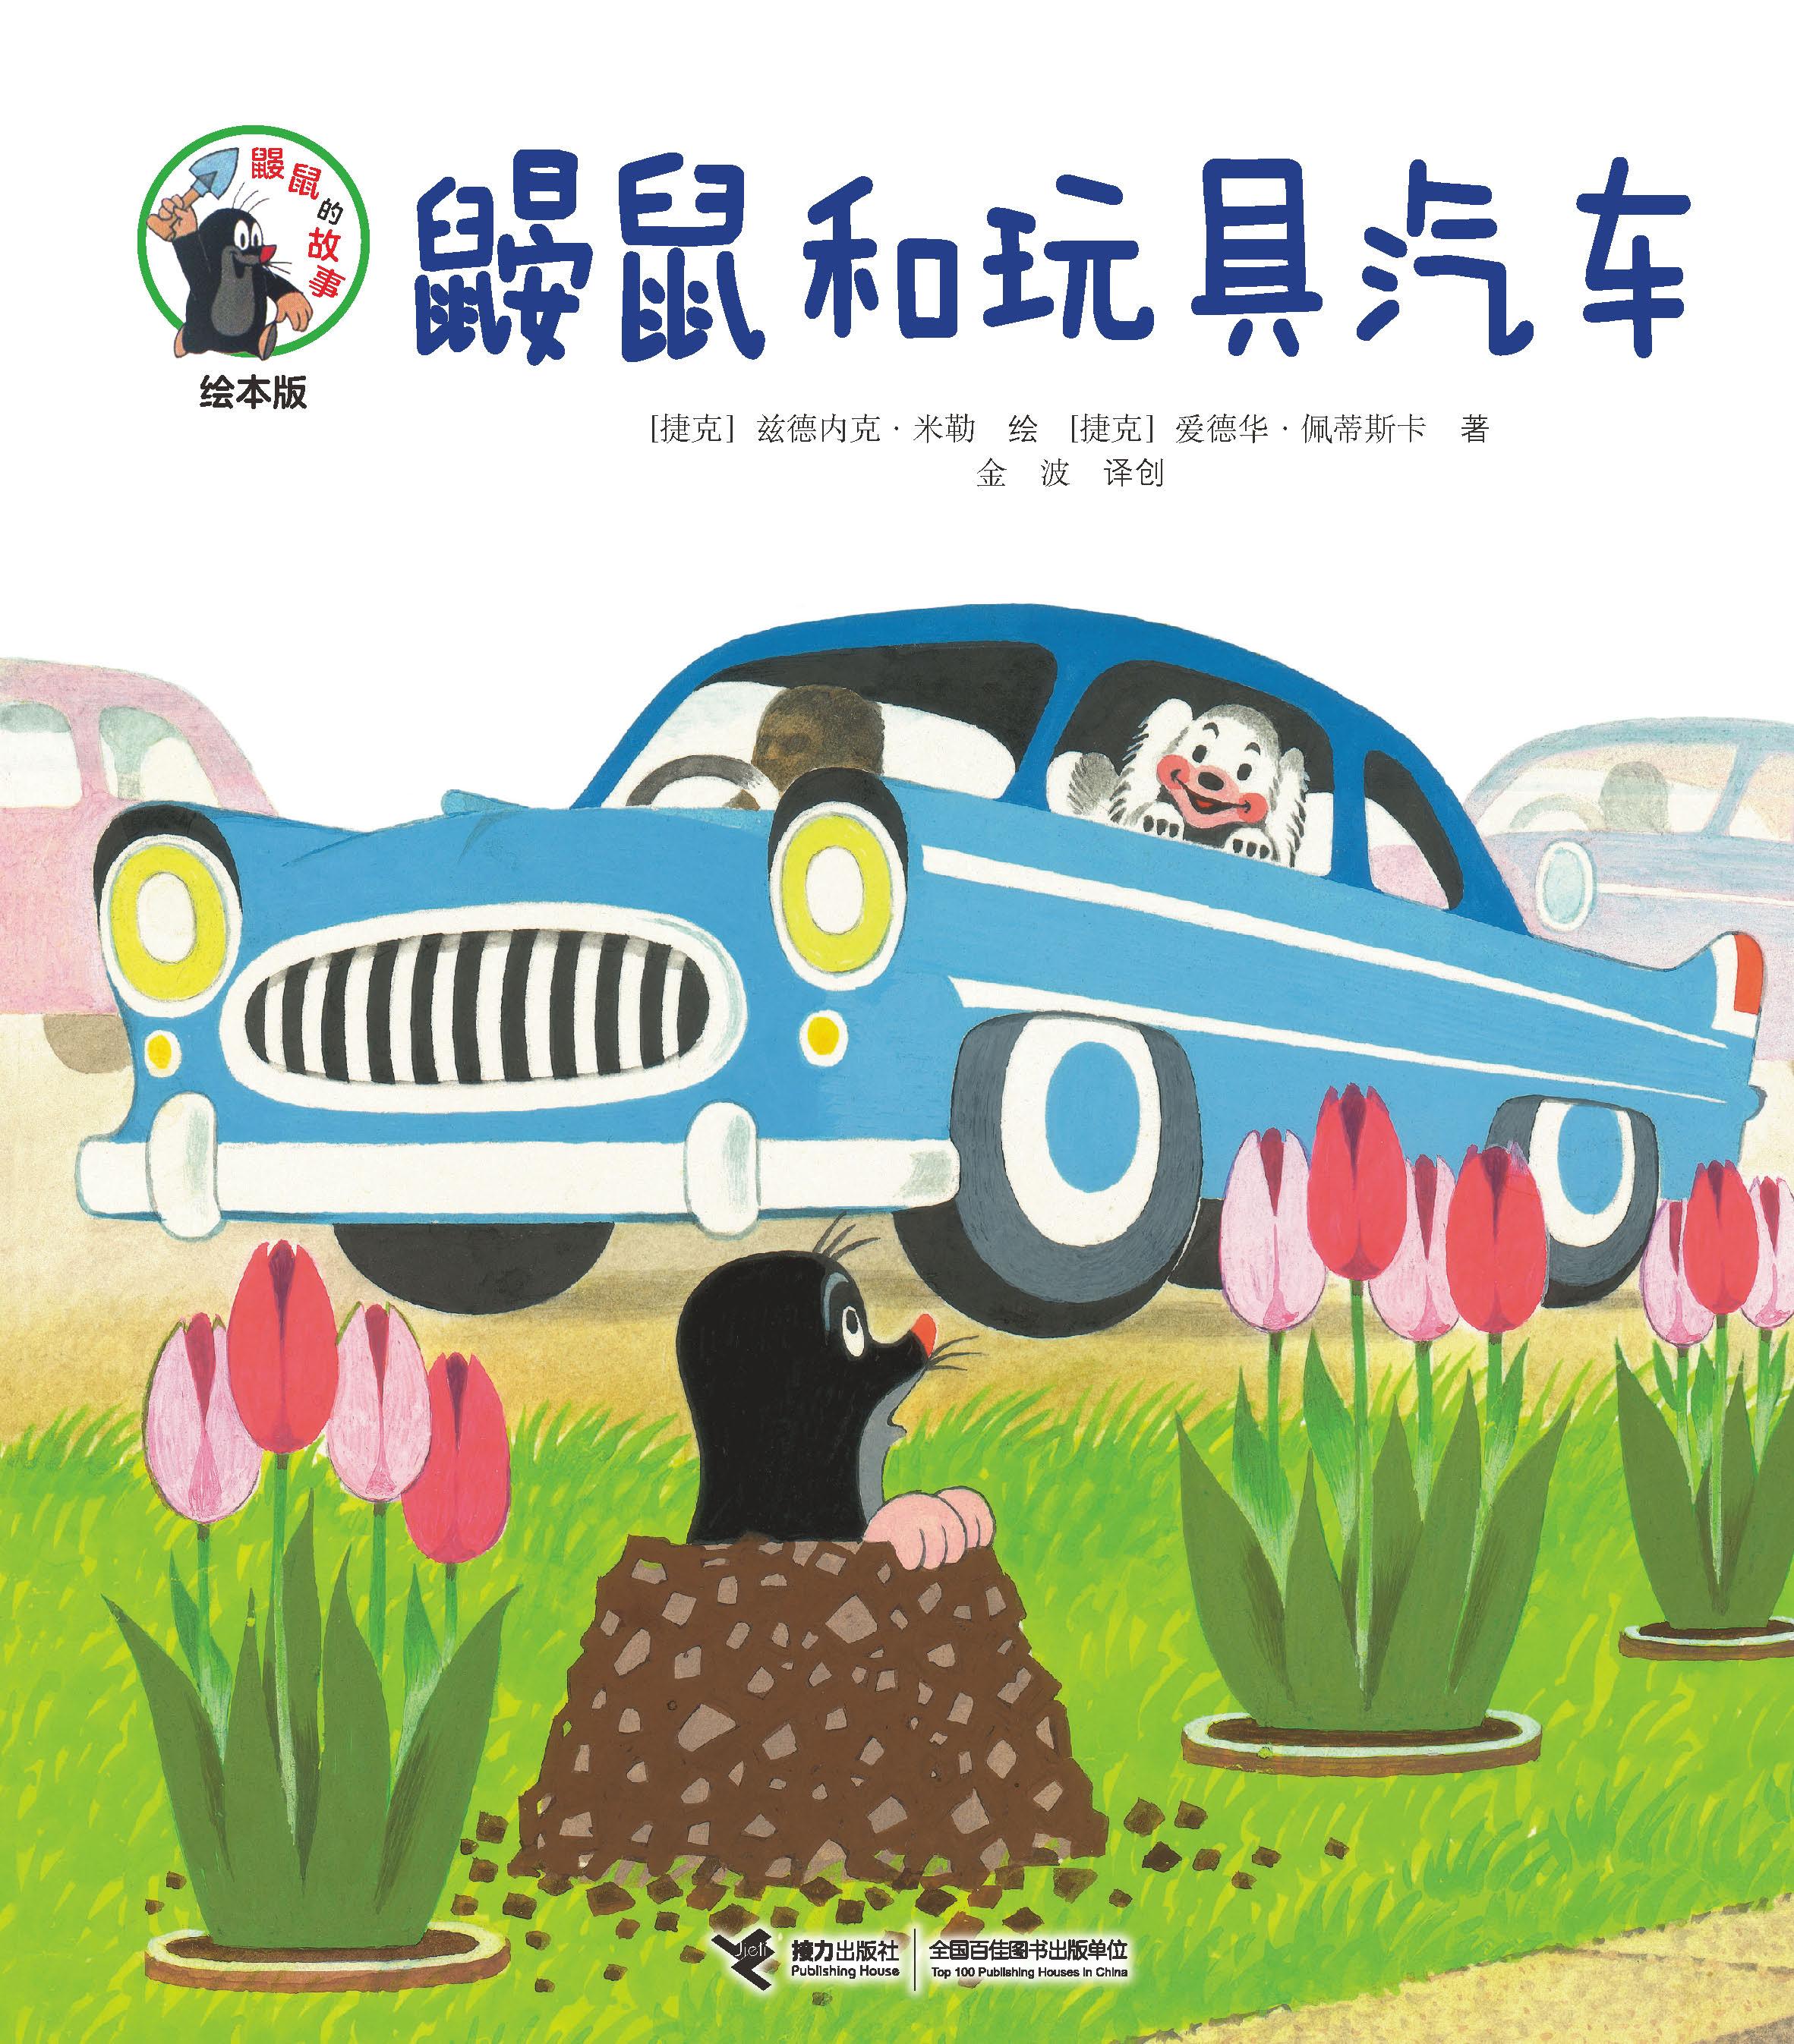 鼹鼠和玩具汽车